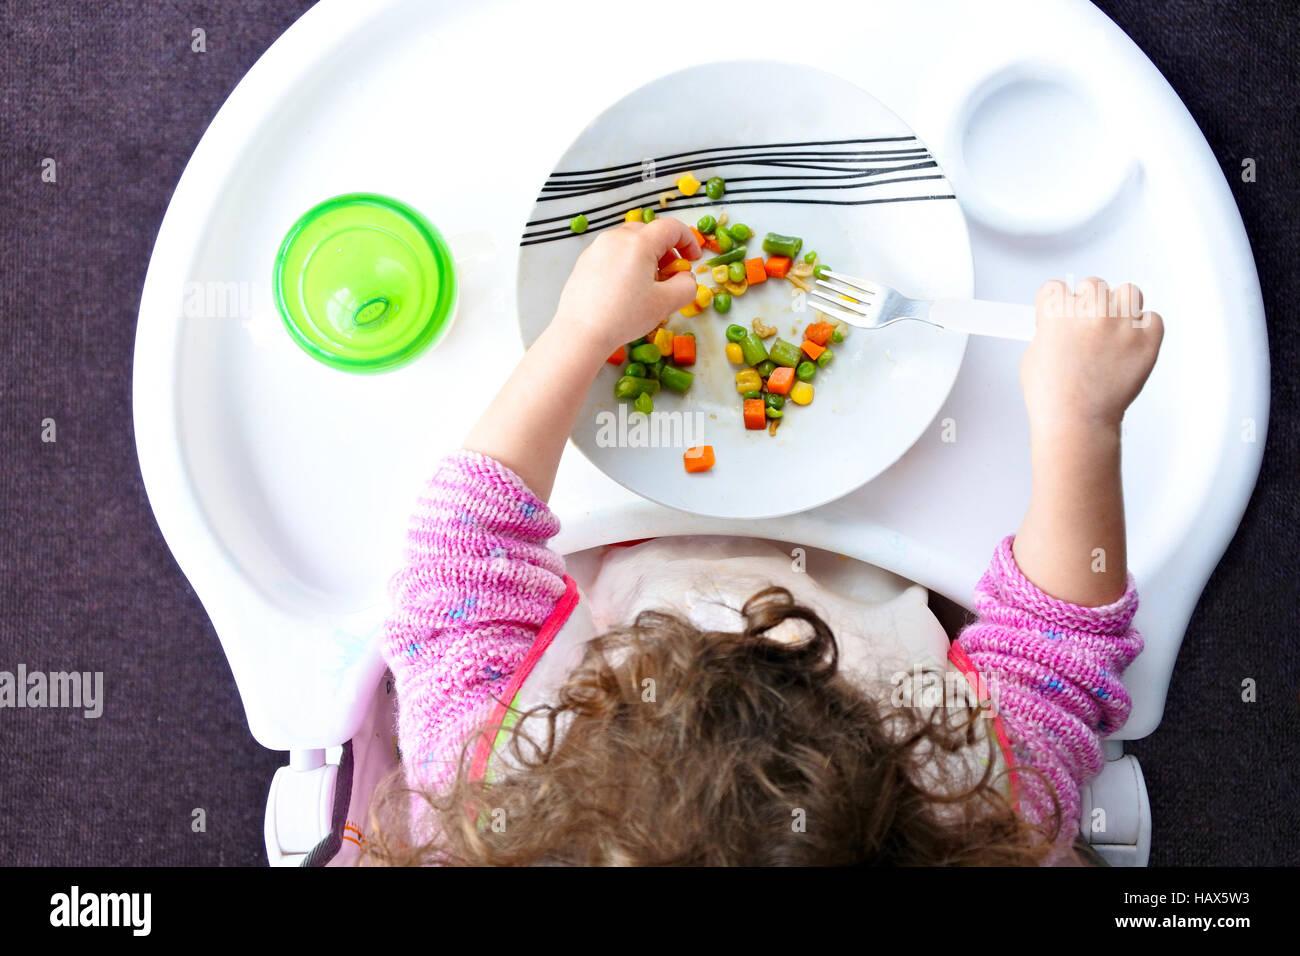 Über Blick auf ein kleines Kind isst Kind Gemüse. Kindheit und Kinder Gesundheits-Konzept. Echte Menschen. Stockbild